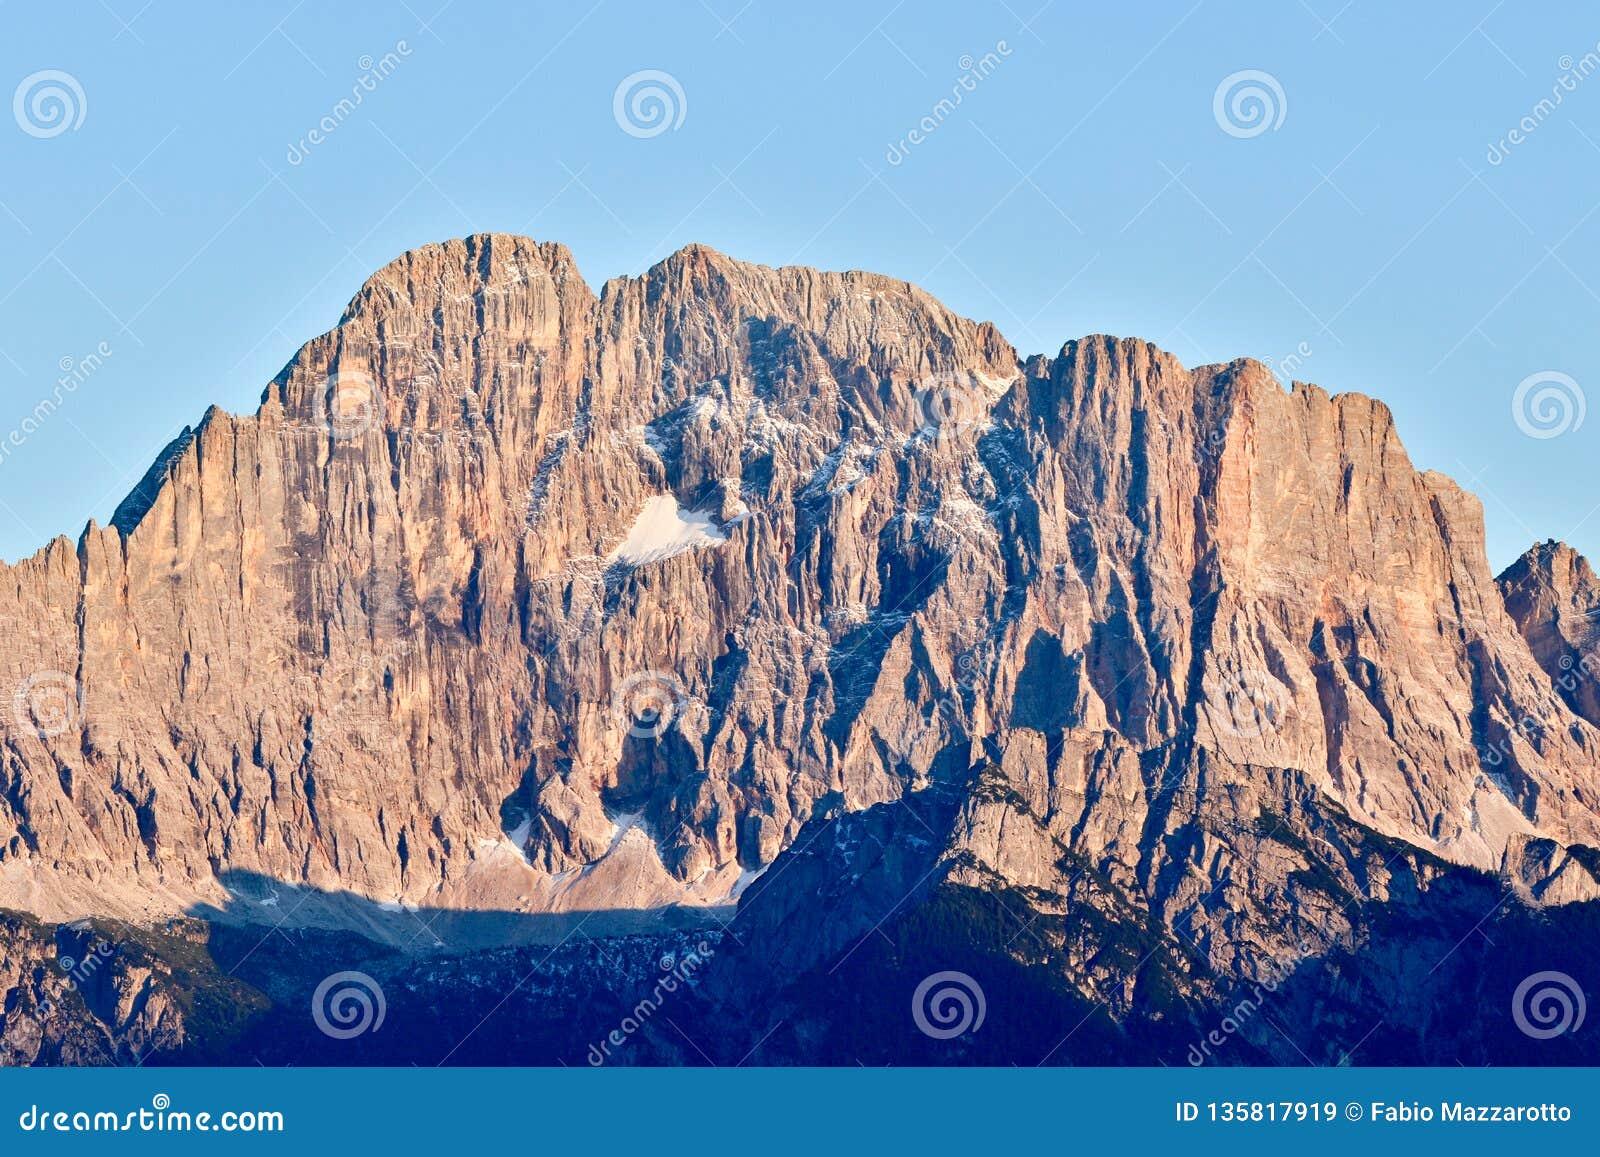 Μπροστινή άποψη του βουνού Monte Civetta που είναι μέρος των δολομιτών, ευρωπαϊκές Άλπεις